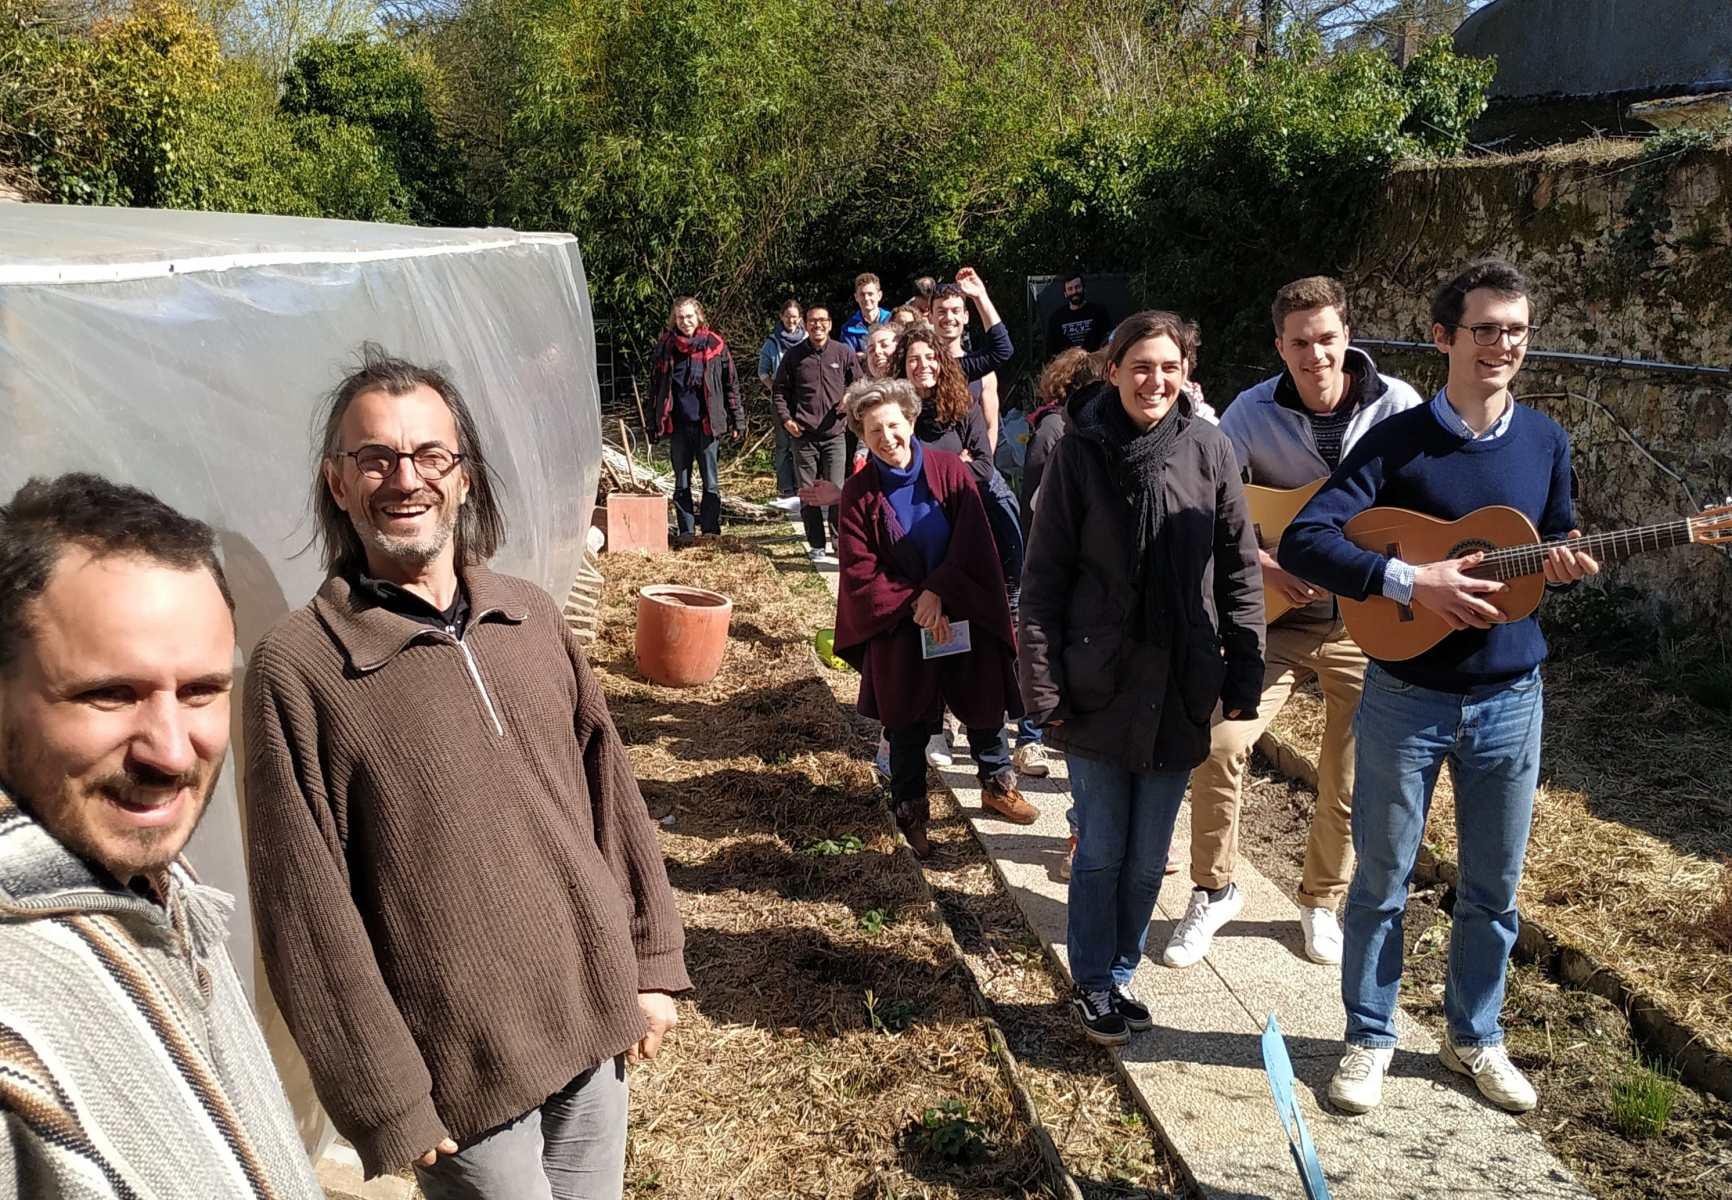 Chant pour l'anniversaire de notre voisine Blandine, horticultrice.